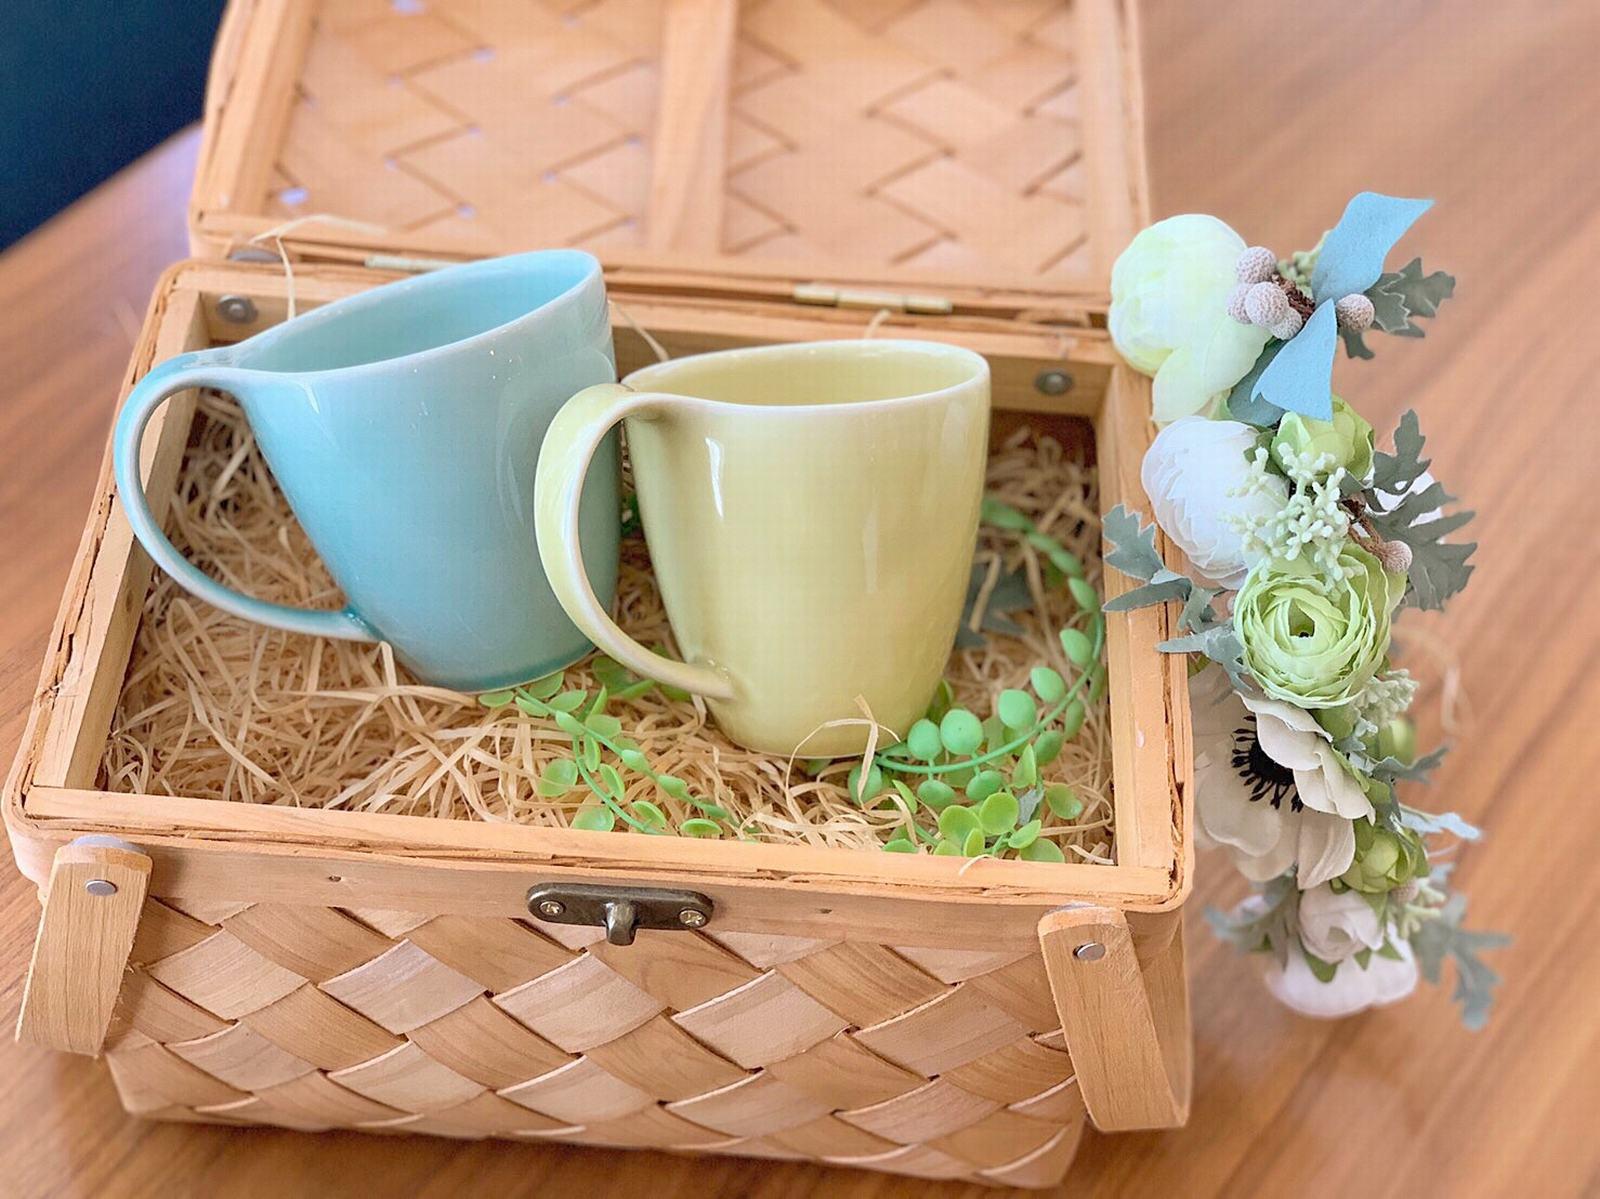 香川の結婚式場シェルエメール&アイスタイル 新しい引出物